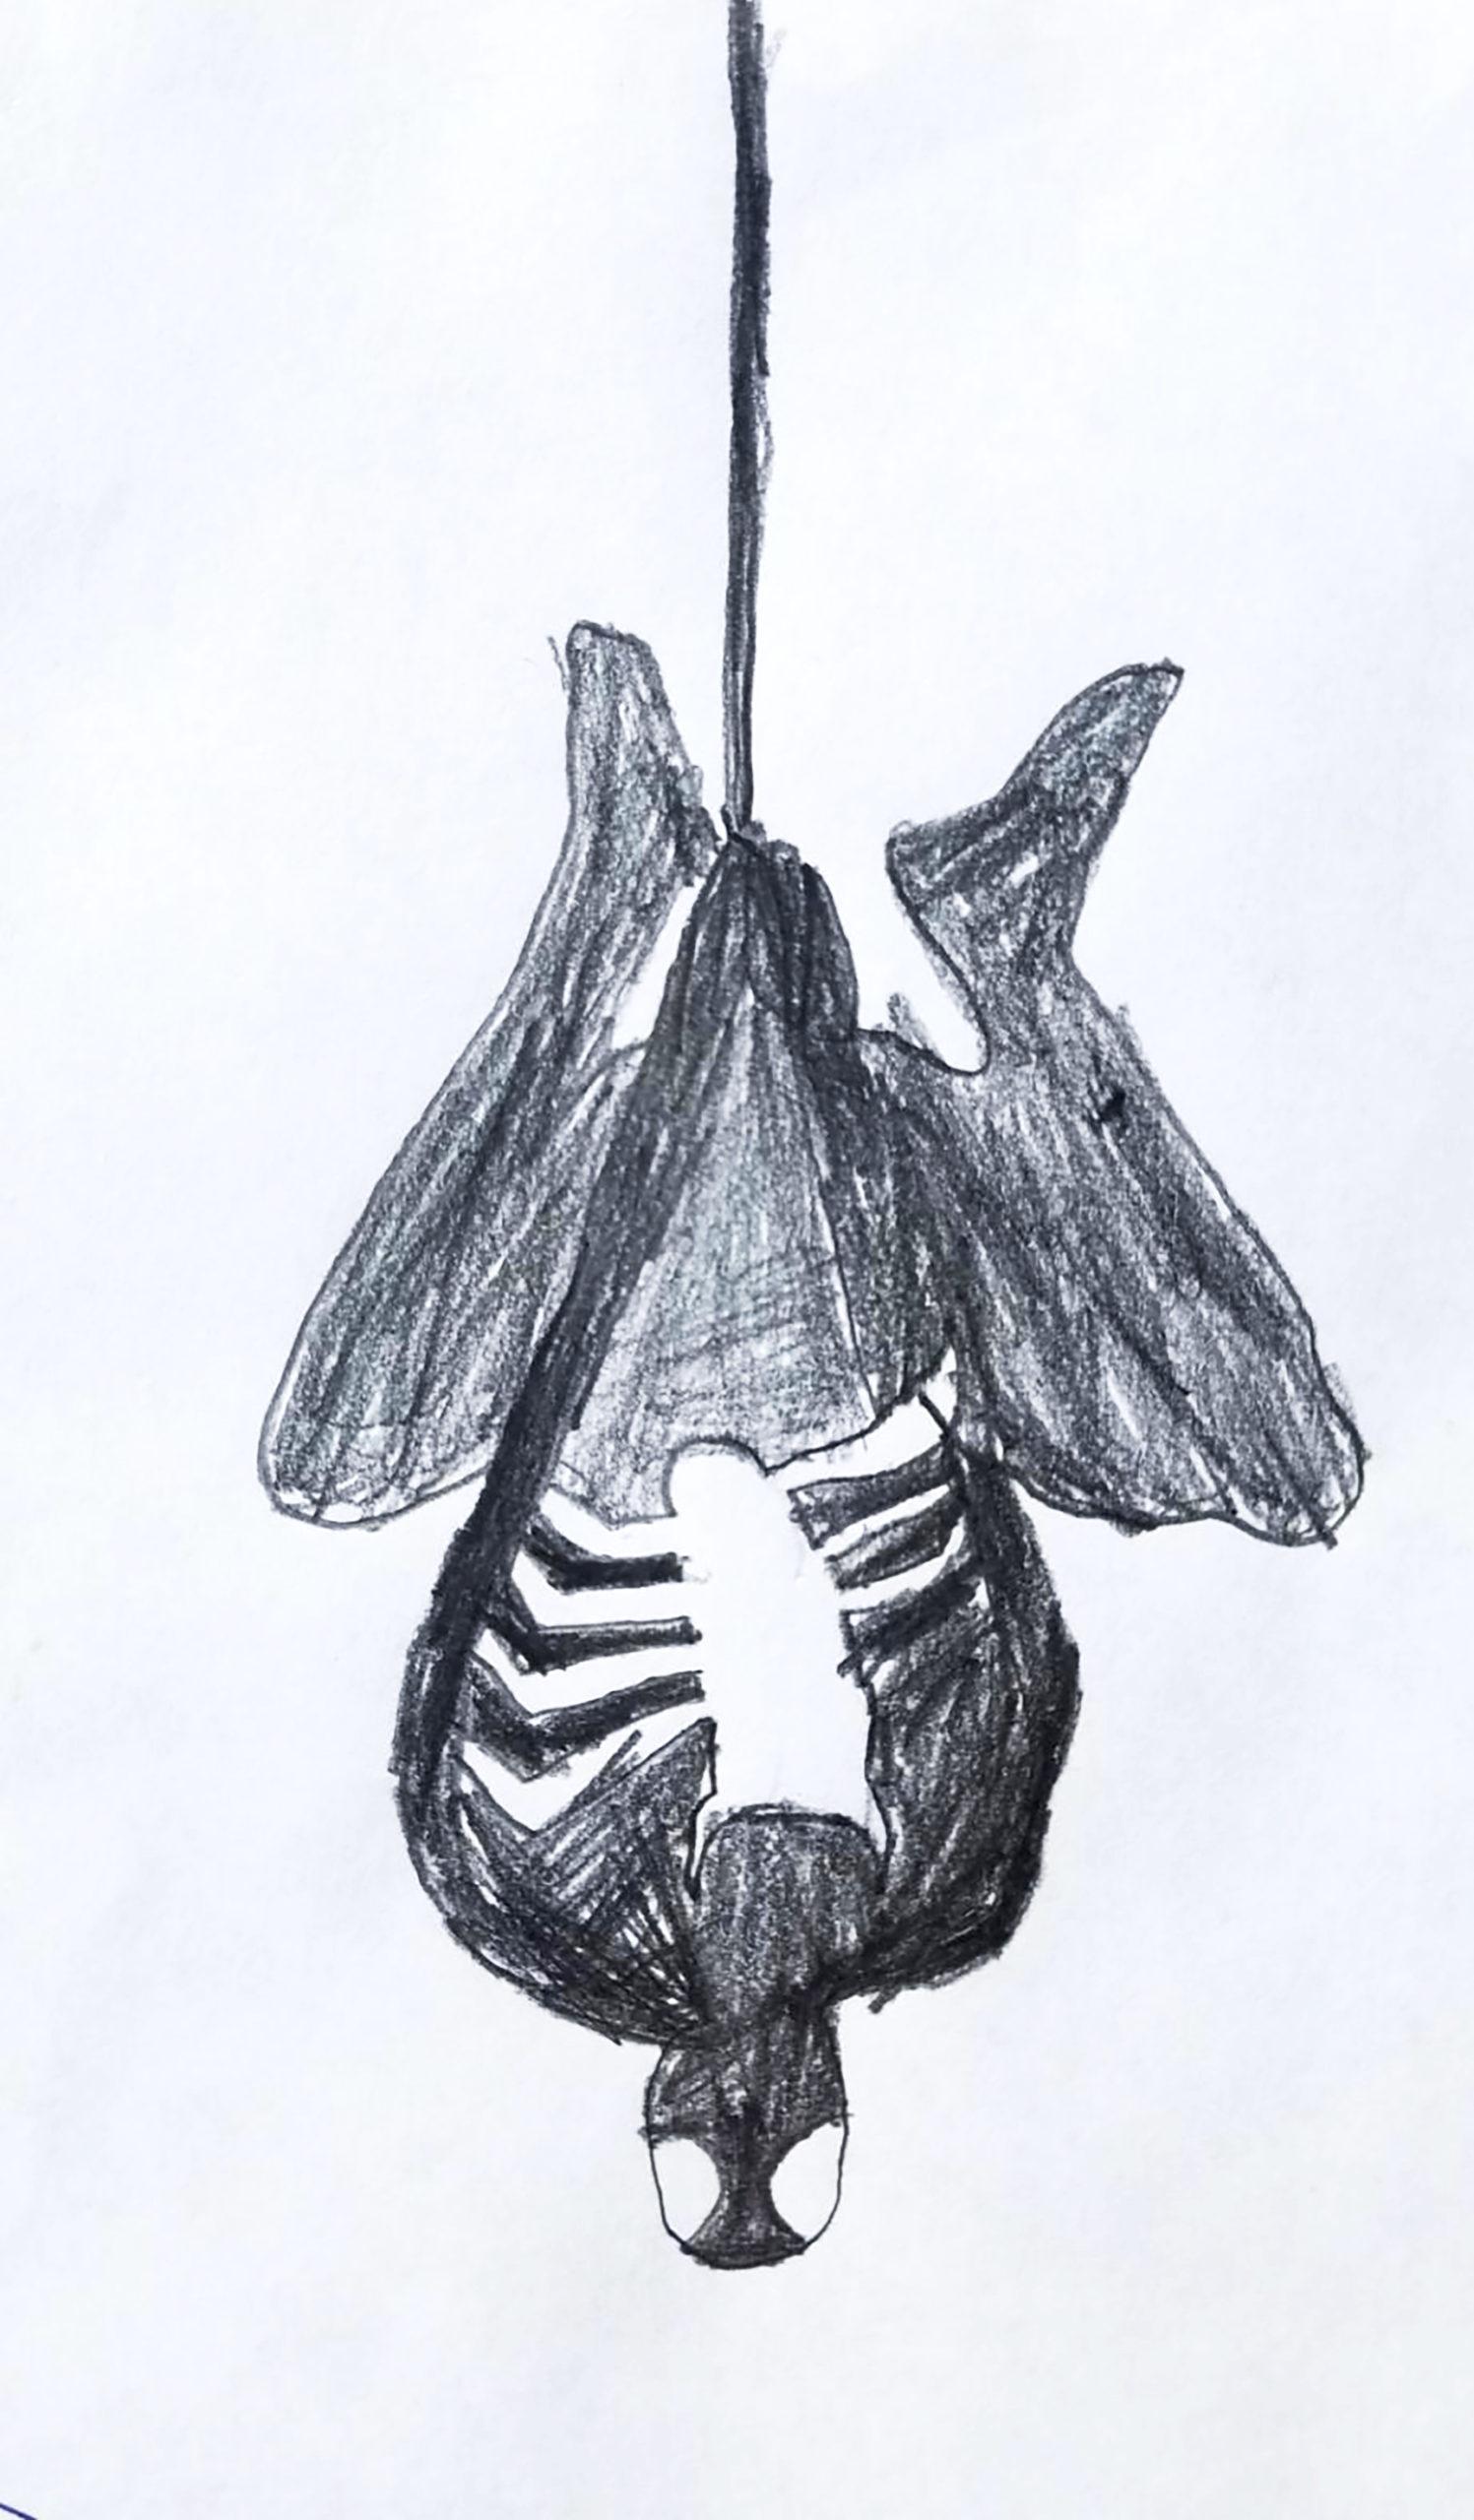 VIR Urijah V 10 Black Suit Spider-Man graphite